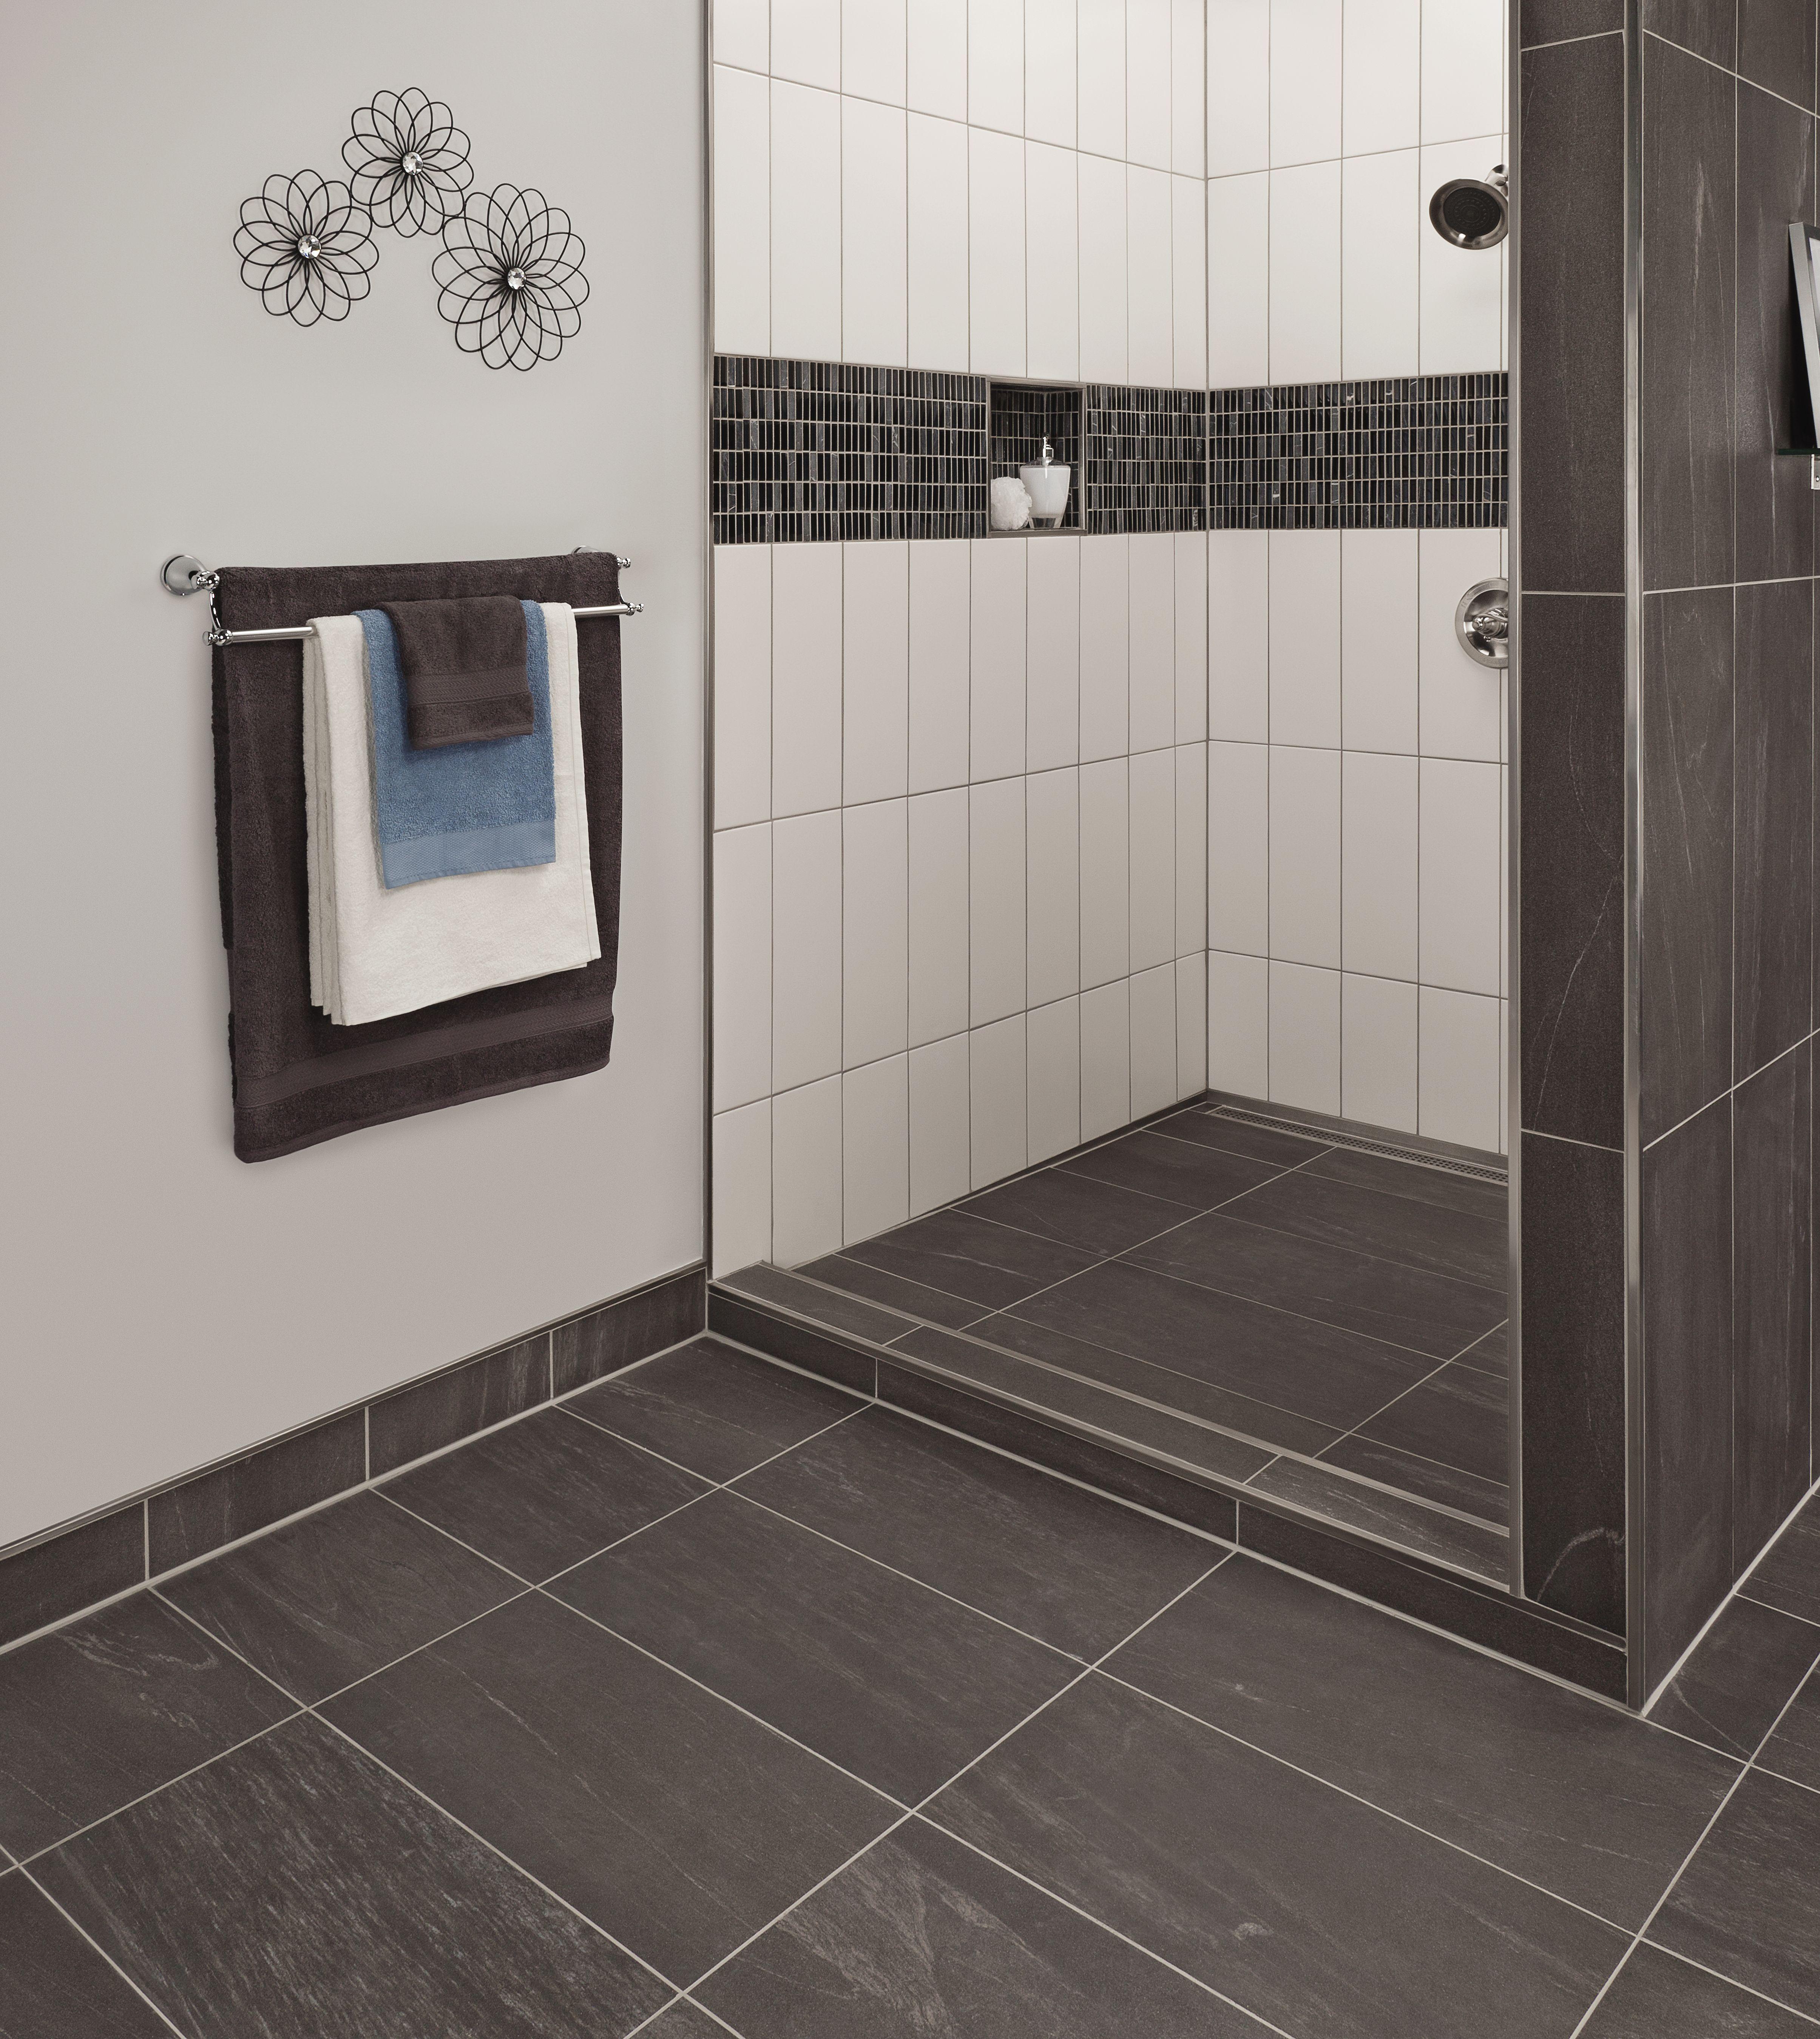 Subway Station | schluter.com | Bath in 2019 | Toilet ...